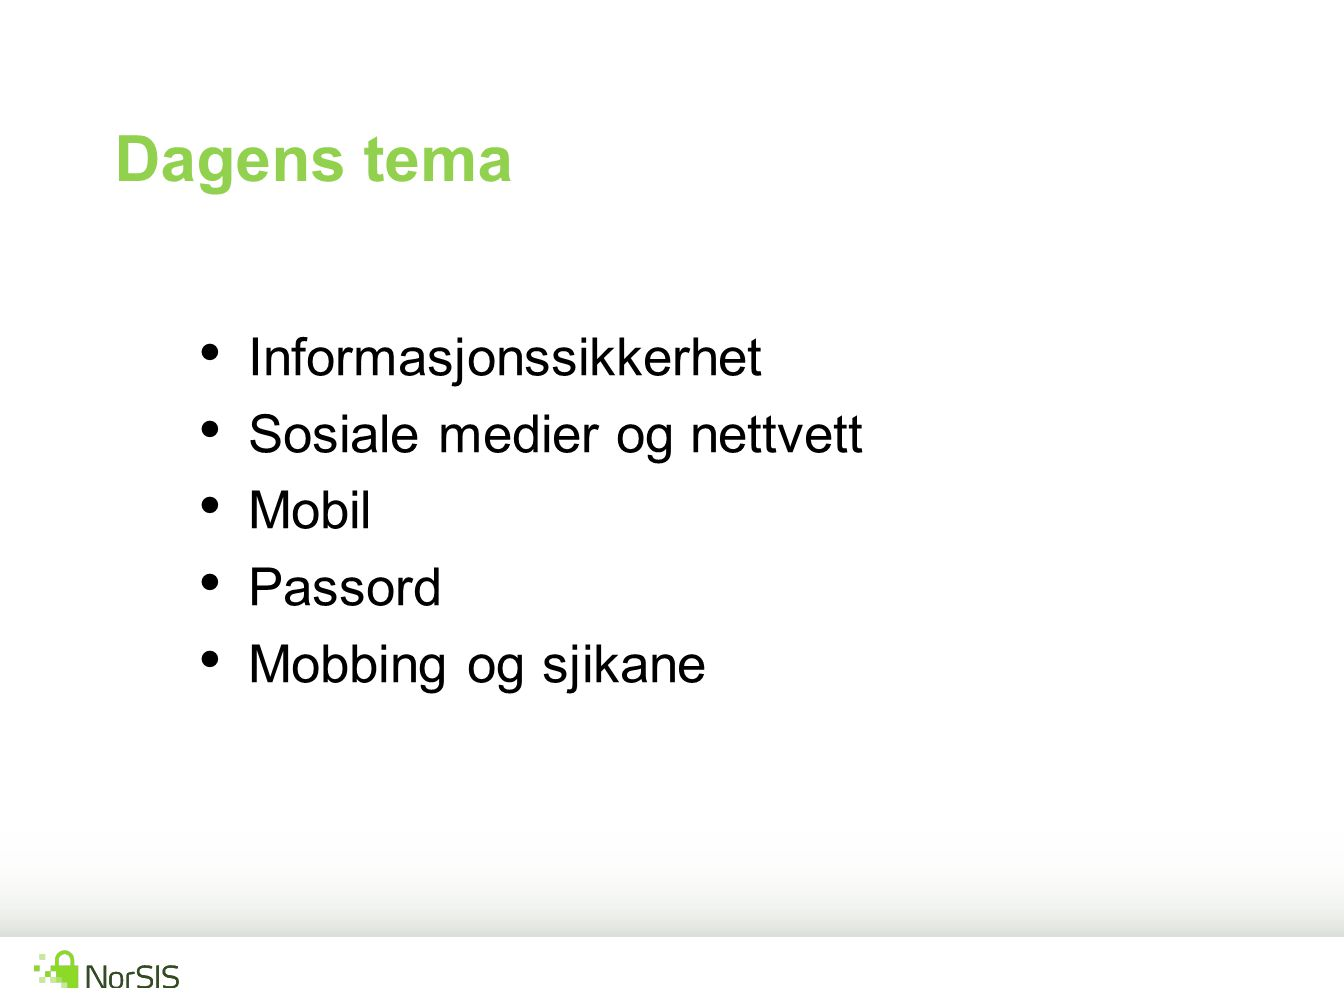 Informasjonssikkerhet Sosiale medier og nettvett Mobil Passord Mobbing og sjikane Dagens tema